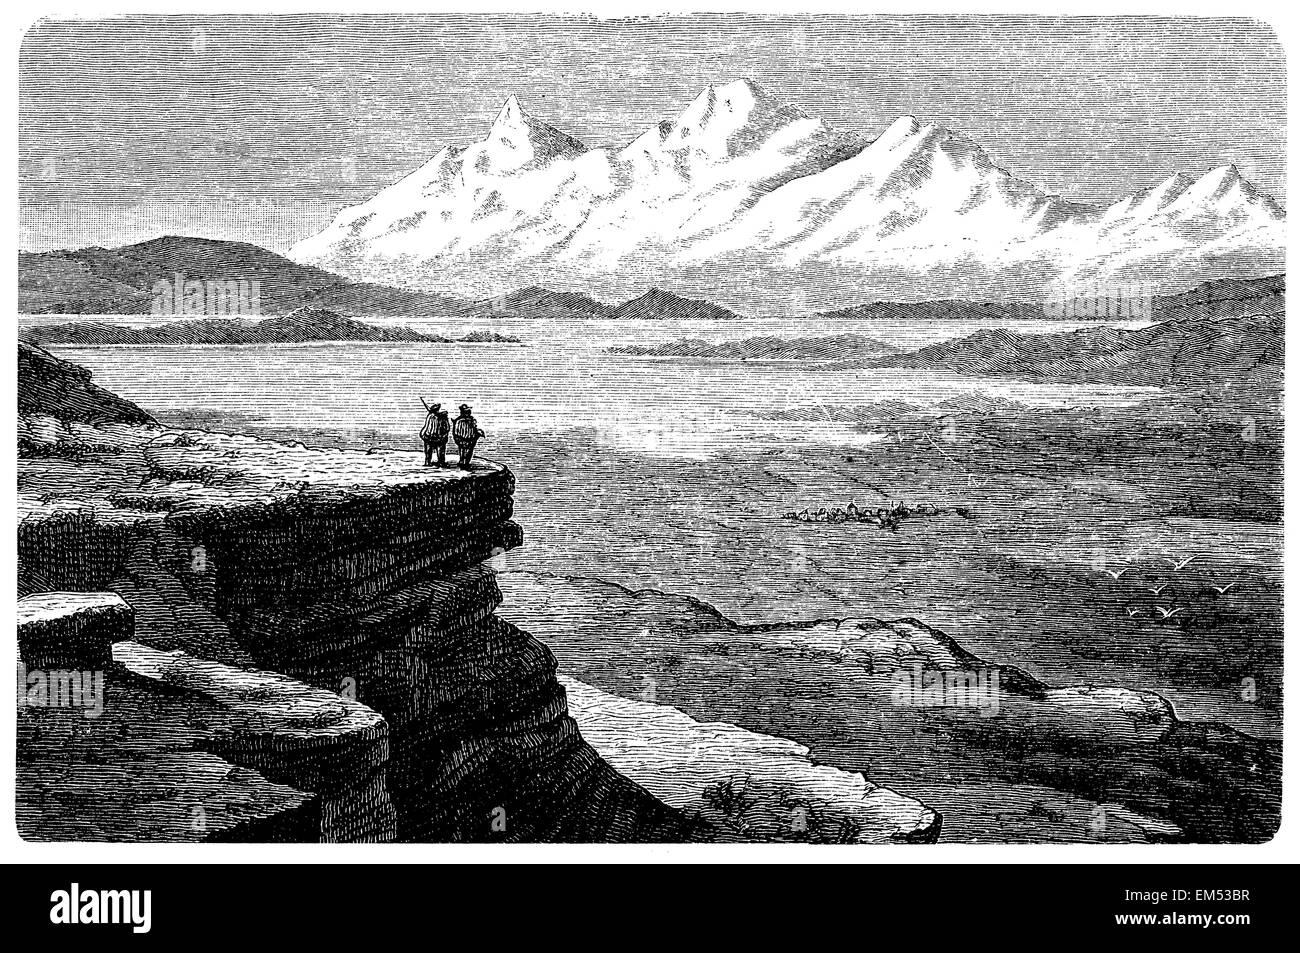 Illampu and Lake Titicaca (Peru) - Stock Image